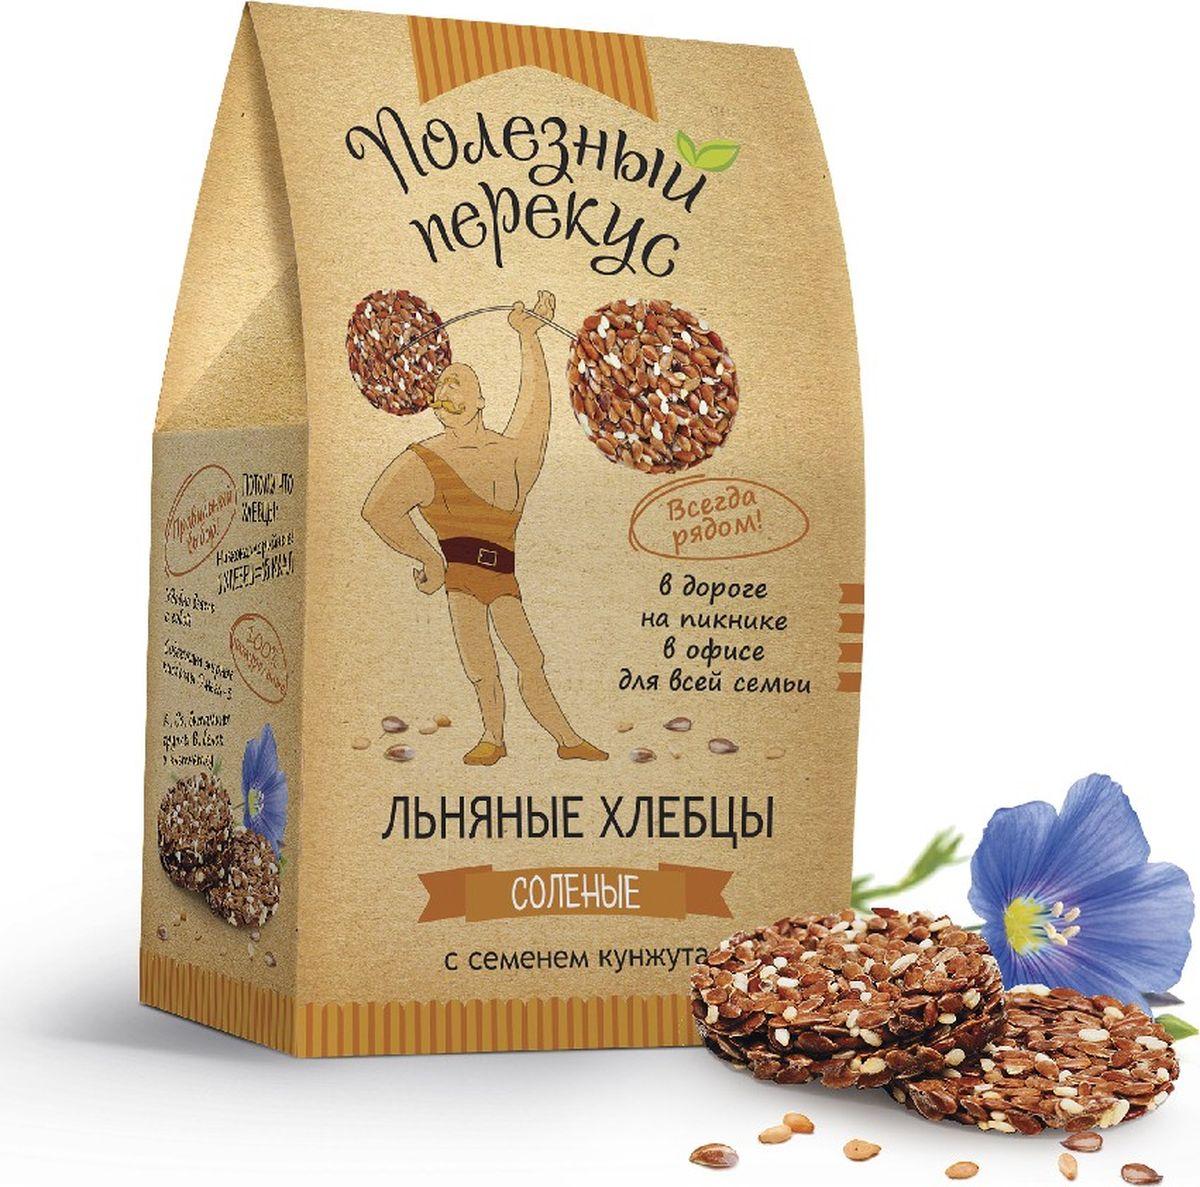 Полезный перекус хлебцы льняные с кунжутом соленые, 100 г212001Льняные хлебцы - хрустящие снеки прямо с алтайских полей! Помогут вам с пользой для здоровья утолить голод даже на ходу. Ведь льняное семя - это источник жирных Омега-3 кислот, клетчатки и растительного белка. Семена льна помогут настроить работу кишечника и тем самым нормализовать вес.Кунжут - богатейший источник кальция, который необходим для прочности наших костей, красоты ногтей и волос. Сочетая пользу льняных и кунжутных семечек, мы создали для Вас прекрасную альтернативу быстрой еде - абсолютно натуральные льняные хлебцы на любой день и для любой ситуации!